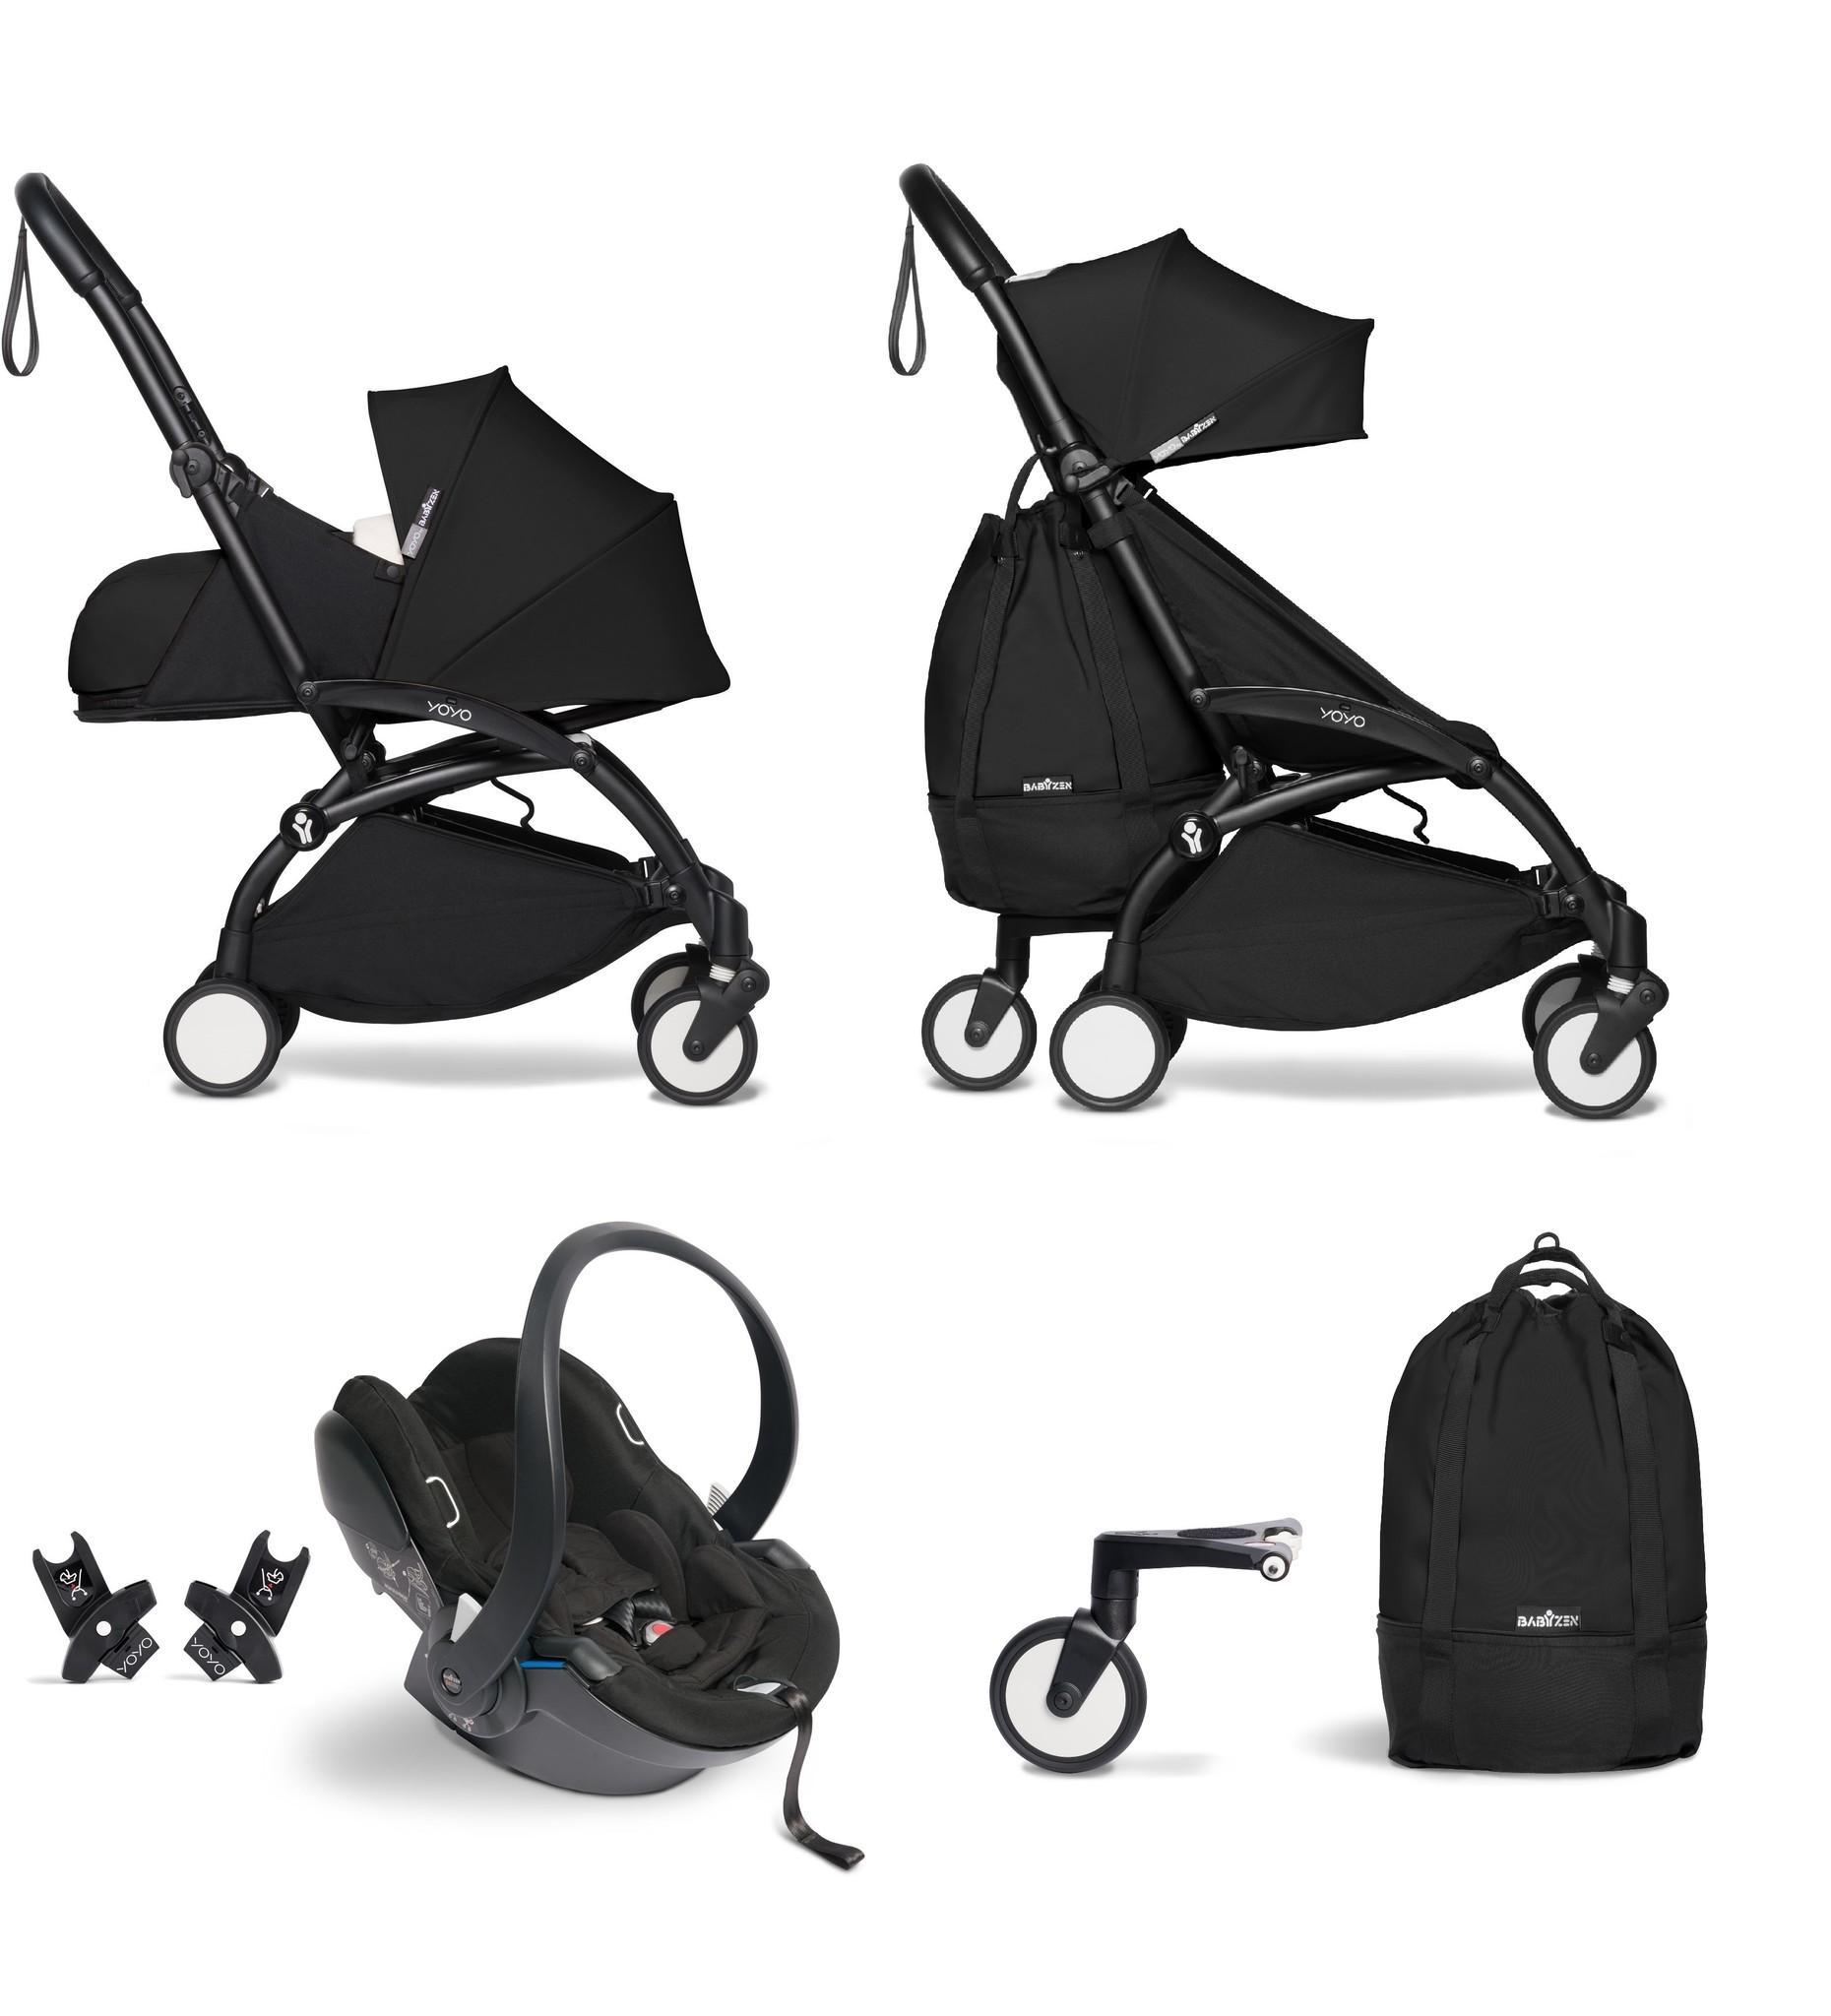 Babyzen Babyzen YOYO² buggy COMPLEET vanaf de geboorte inclusief YOYO² BeSafe autostoel zwart  en YOYO Bag -  zwart met frame zwart